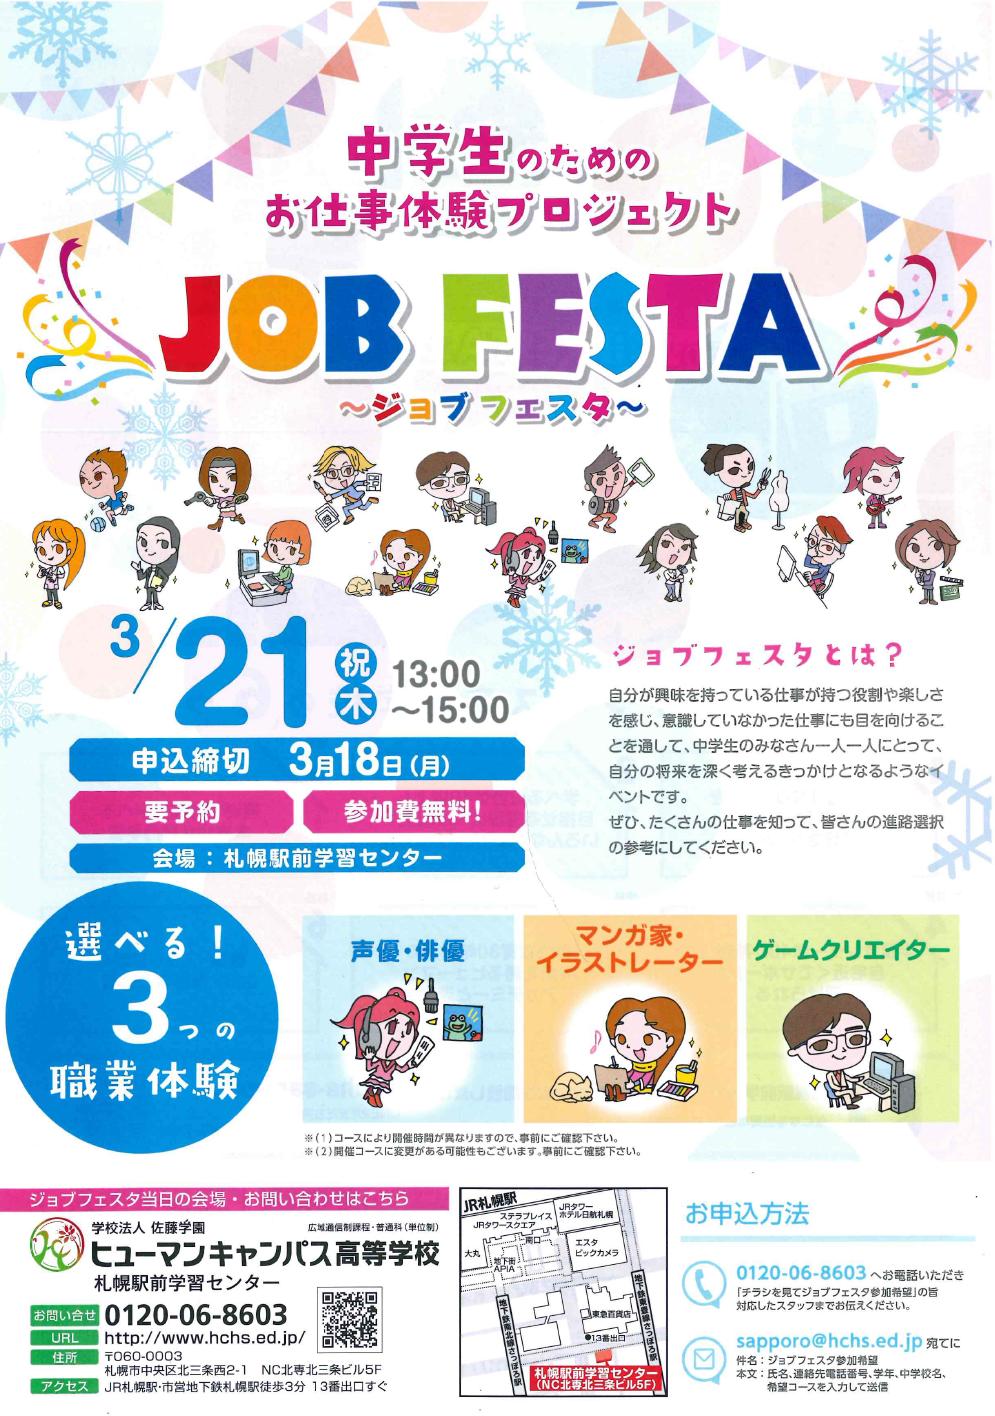 【ジョブフェスタ】お仕事体験プロジェクト★